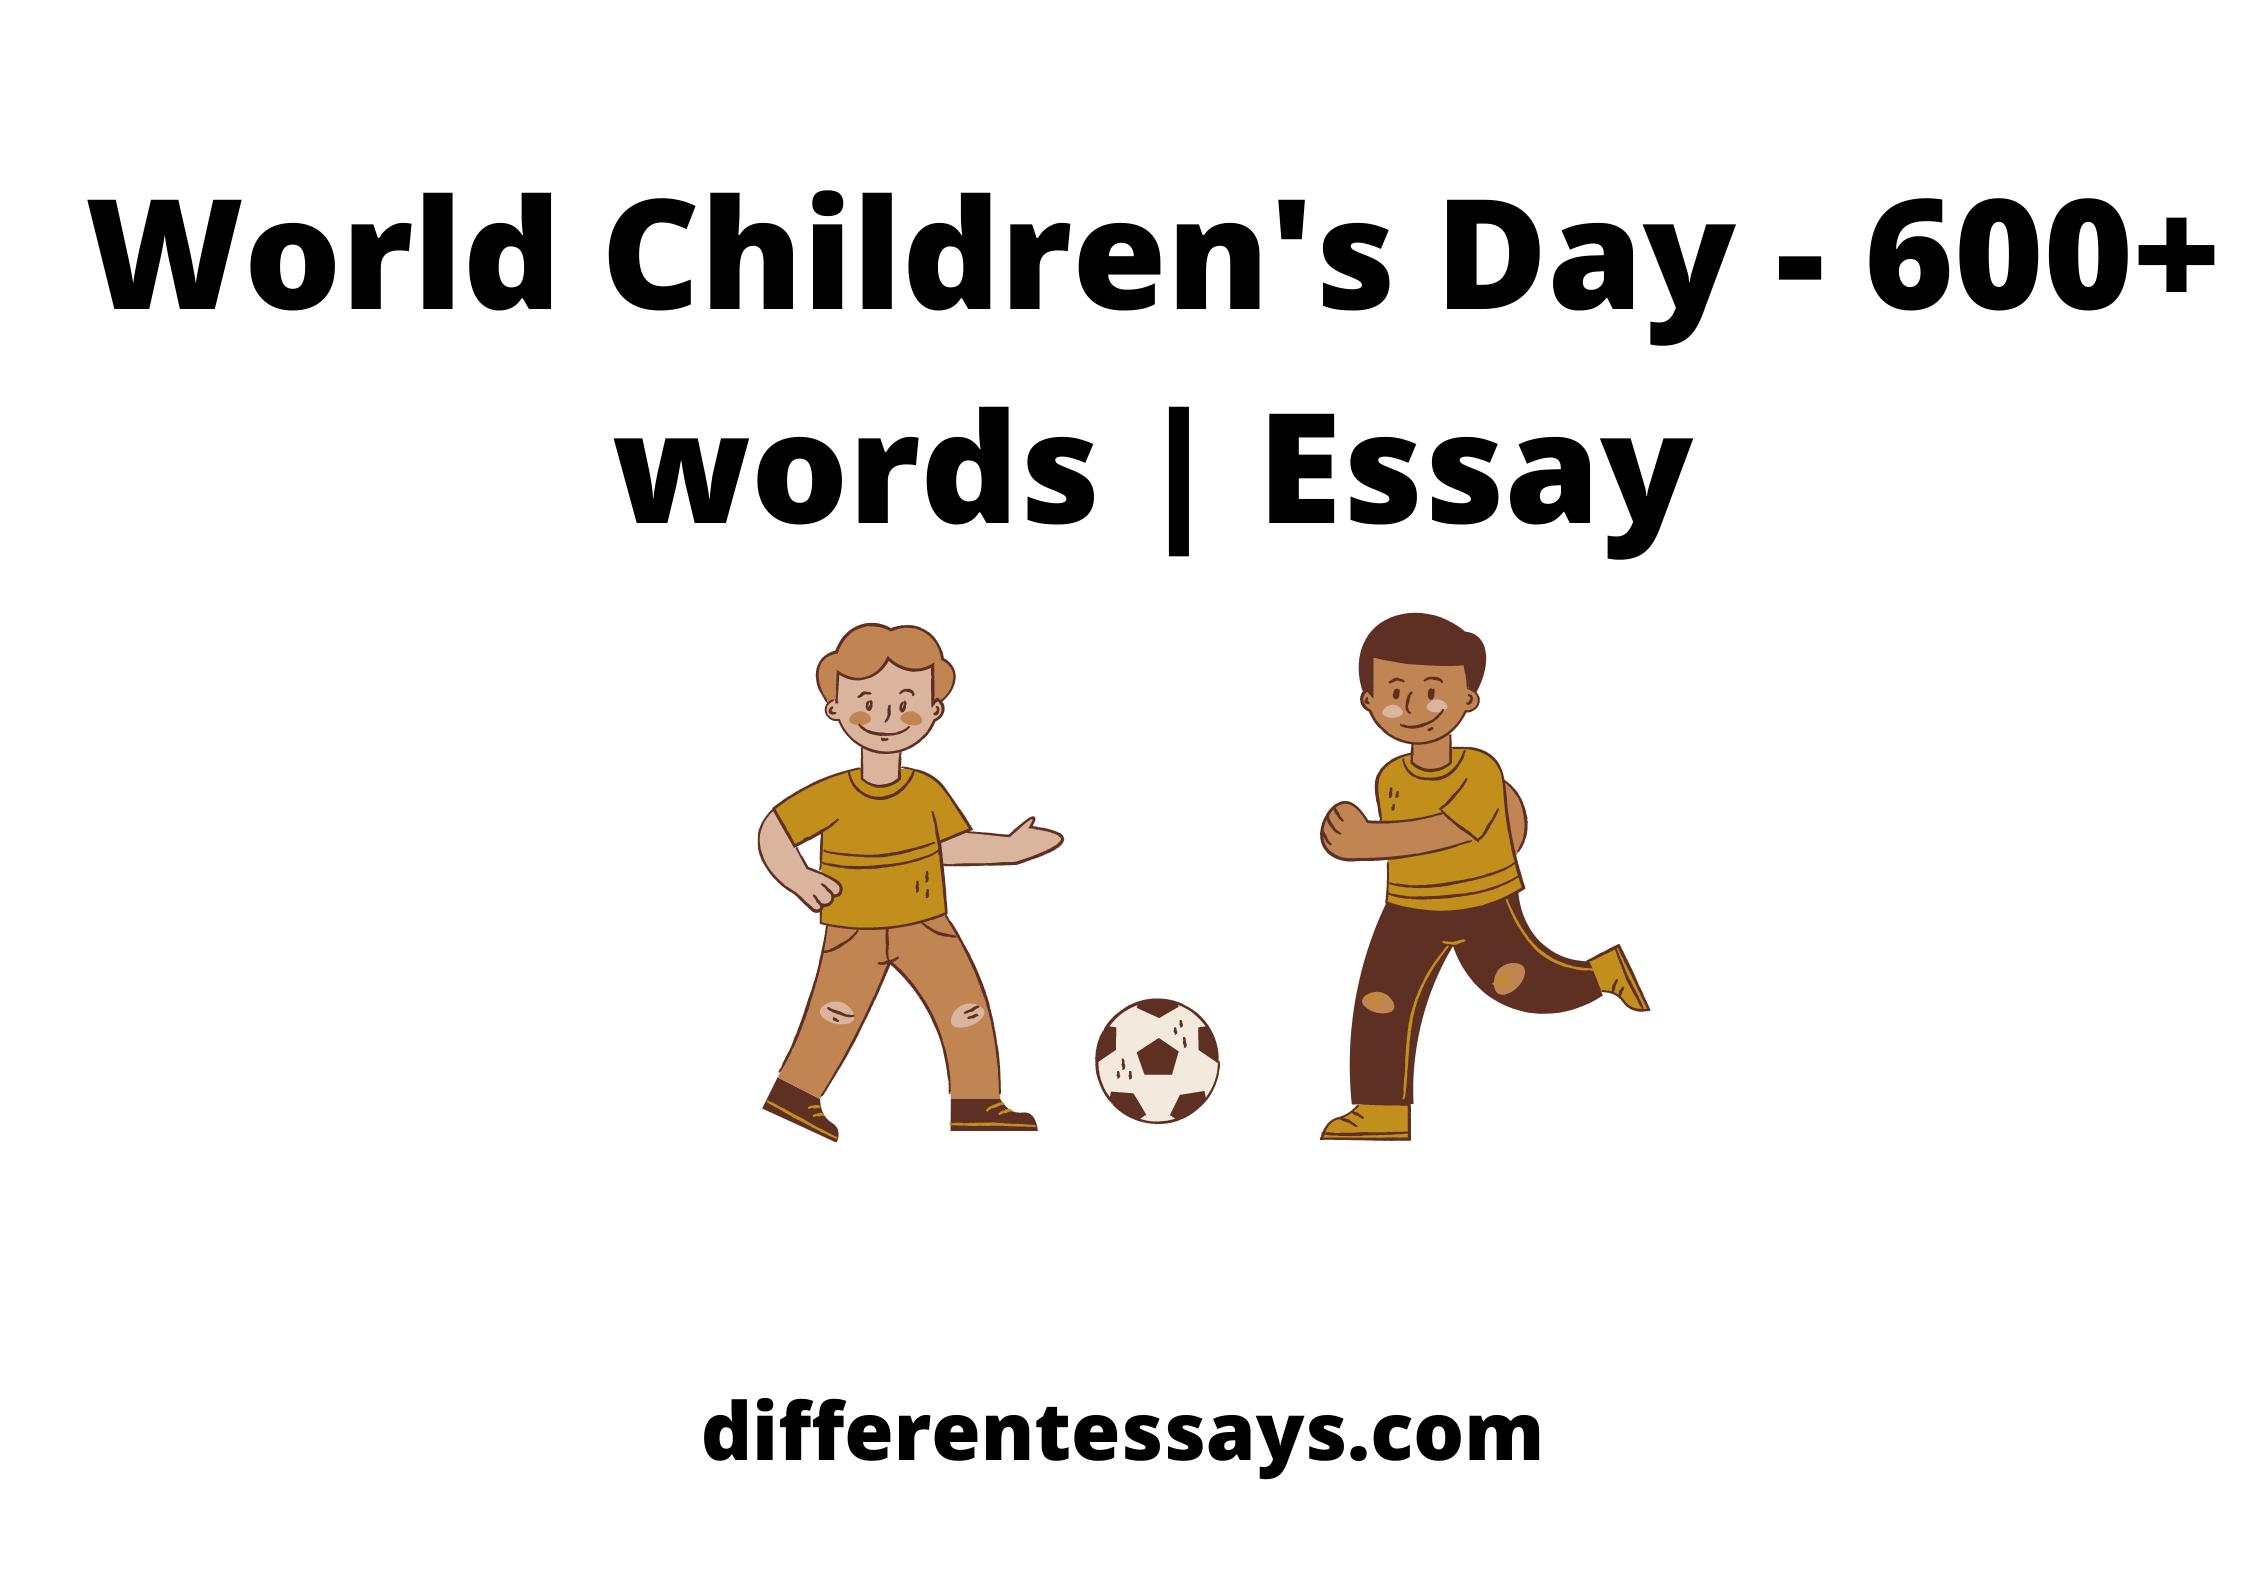 World Children's Day - 600+ words | Essay